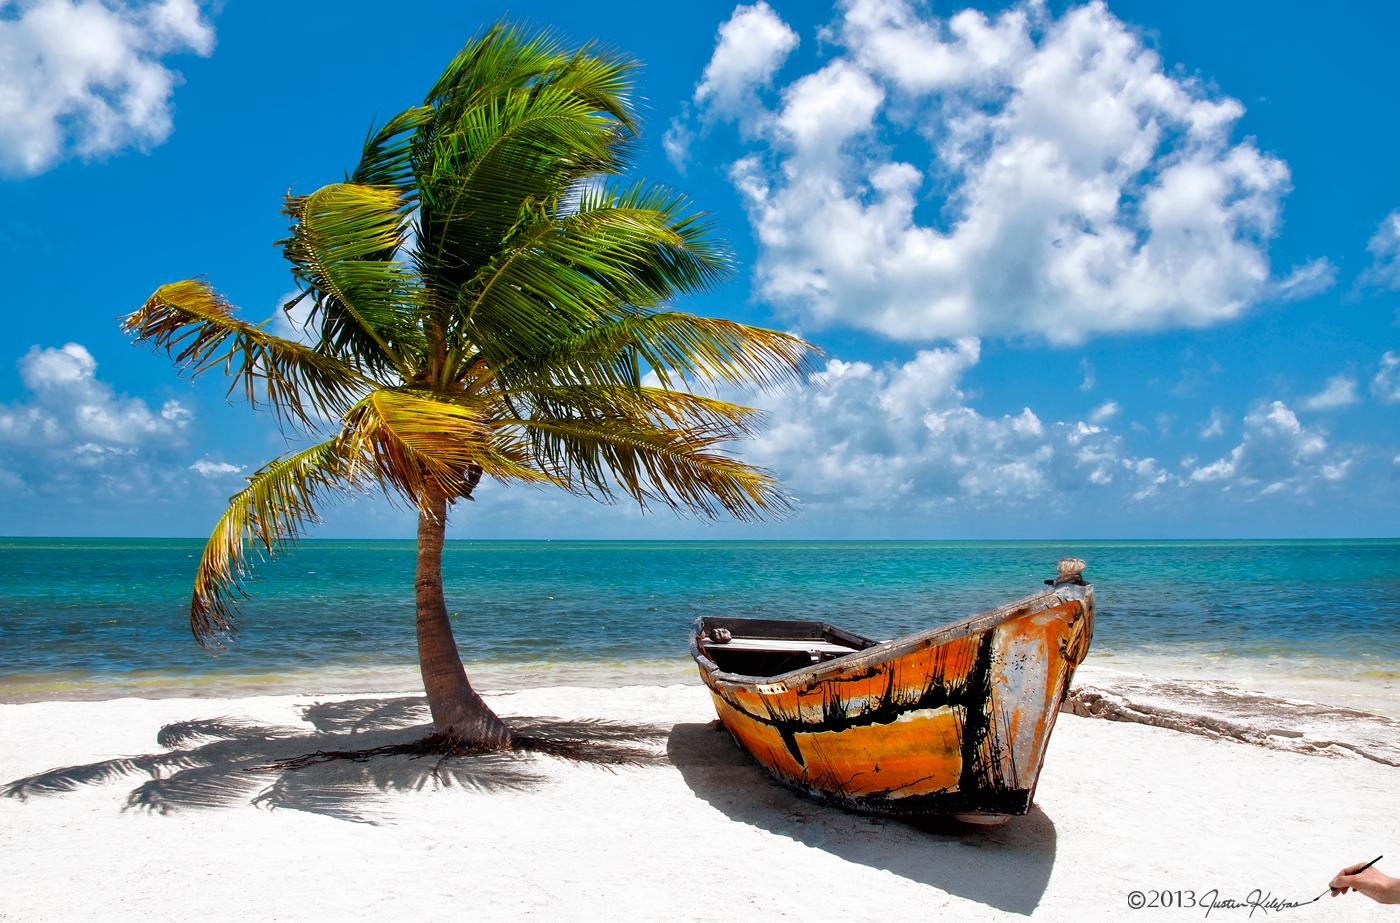 Florida Beach Scene Wallpaper - WallpaperSafari